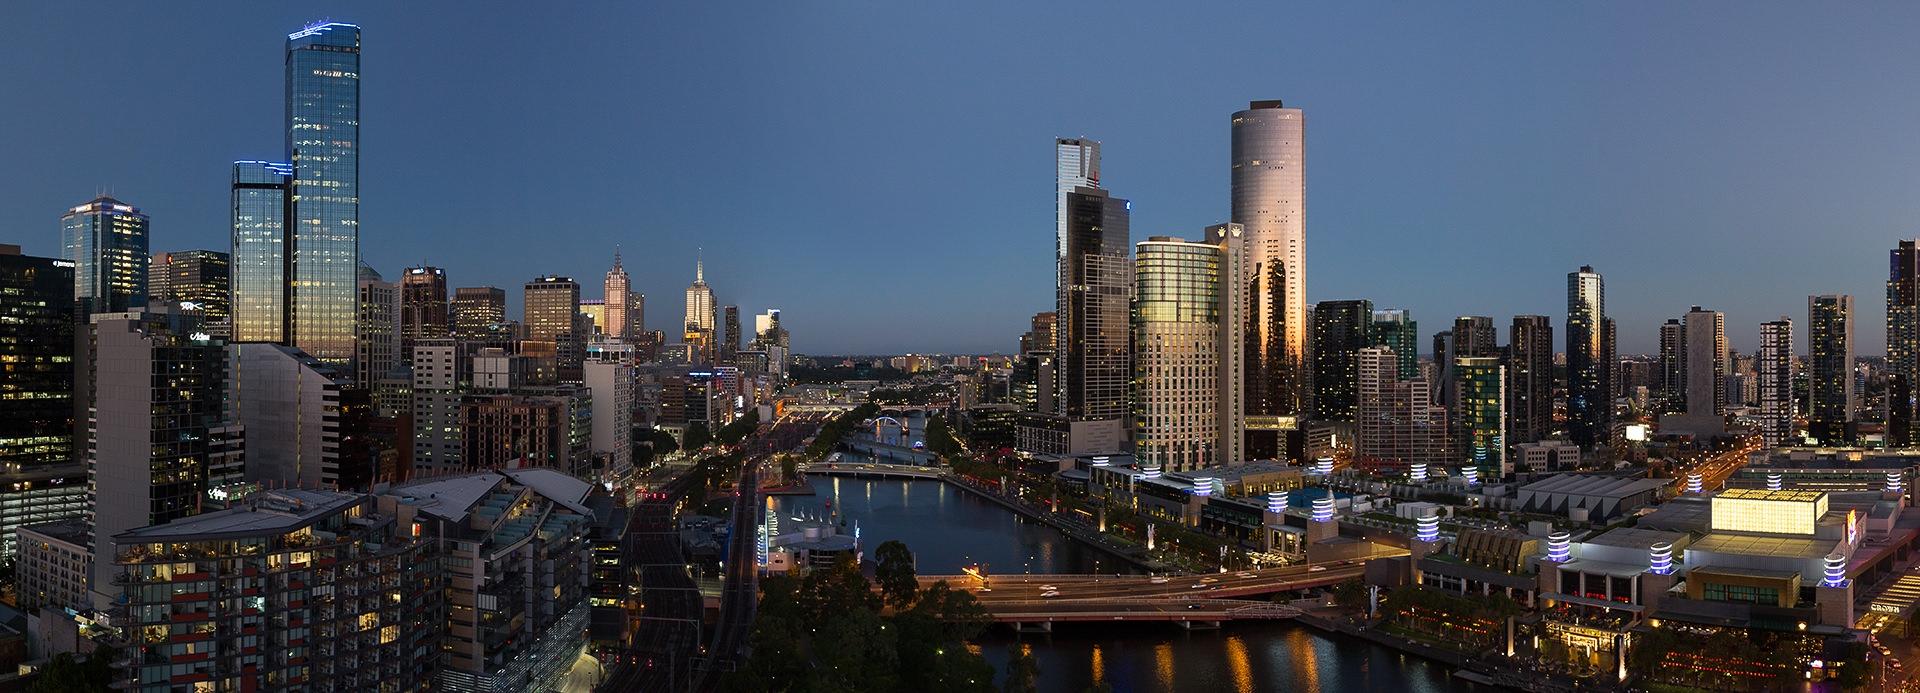 Melbourne CBD -